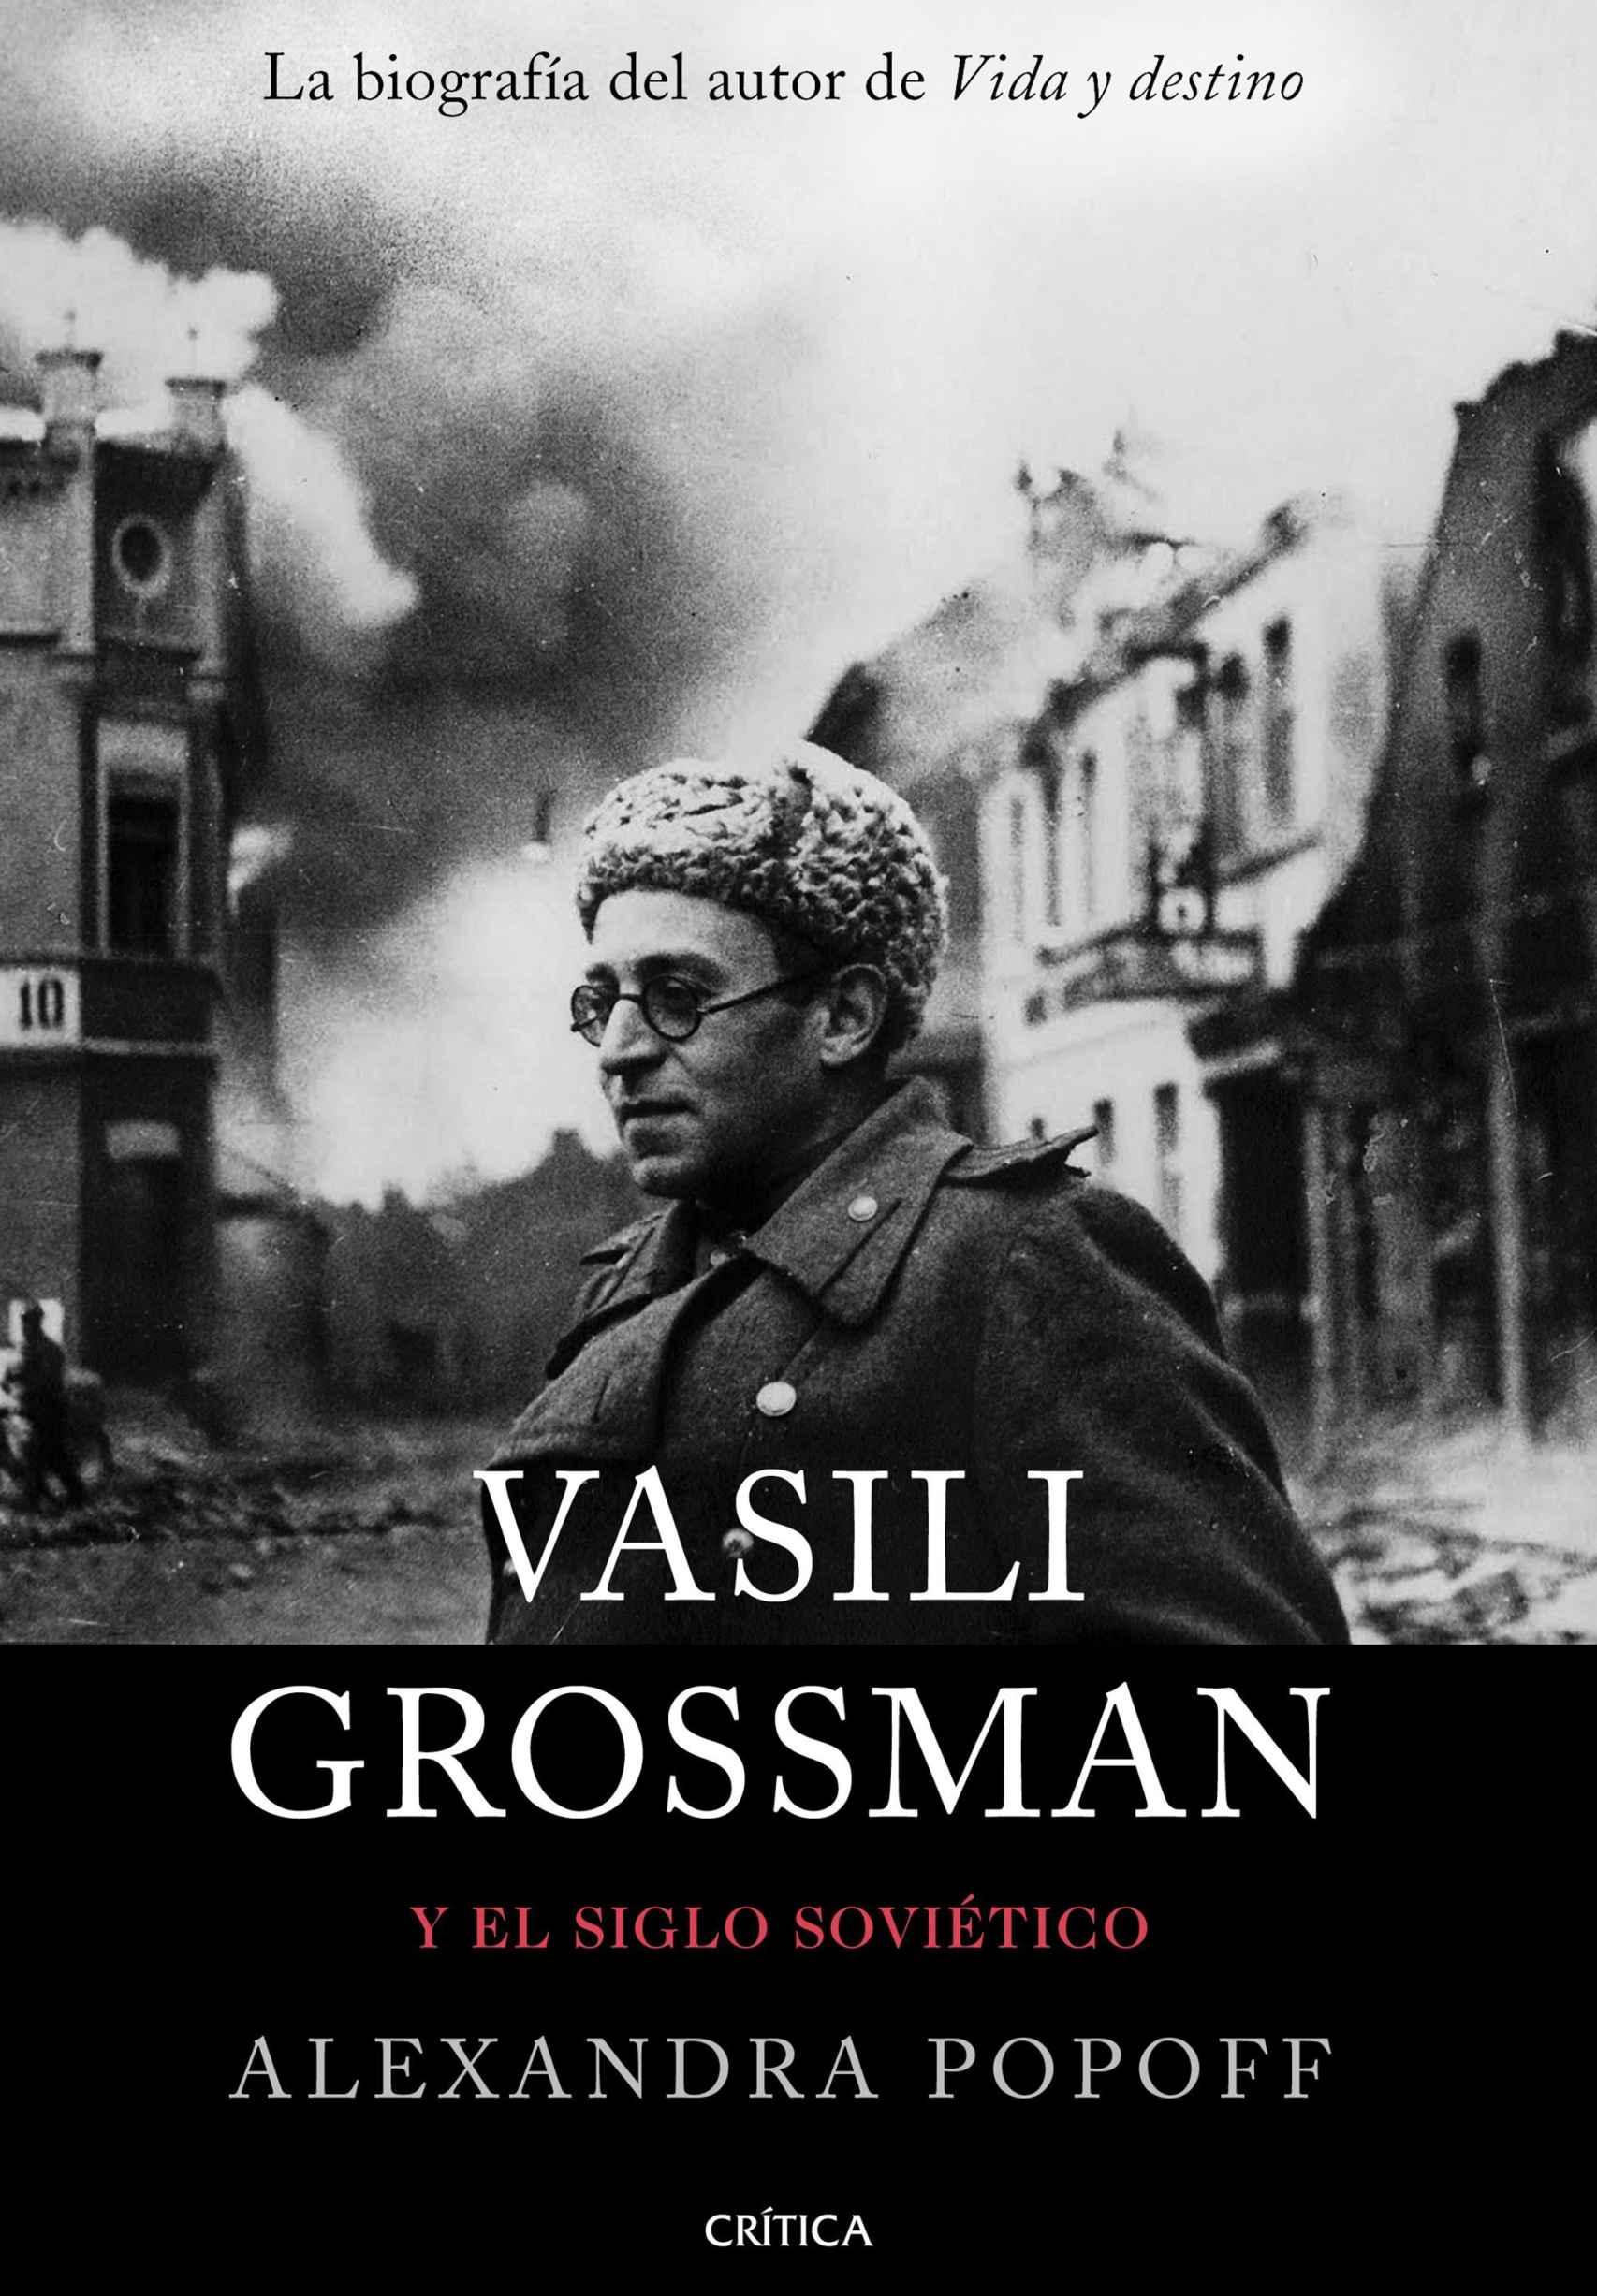 Portada de 'Vasili Grossman y el siglo soviético' (Crítica).